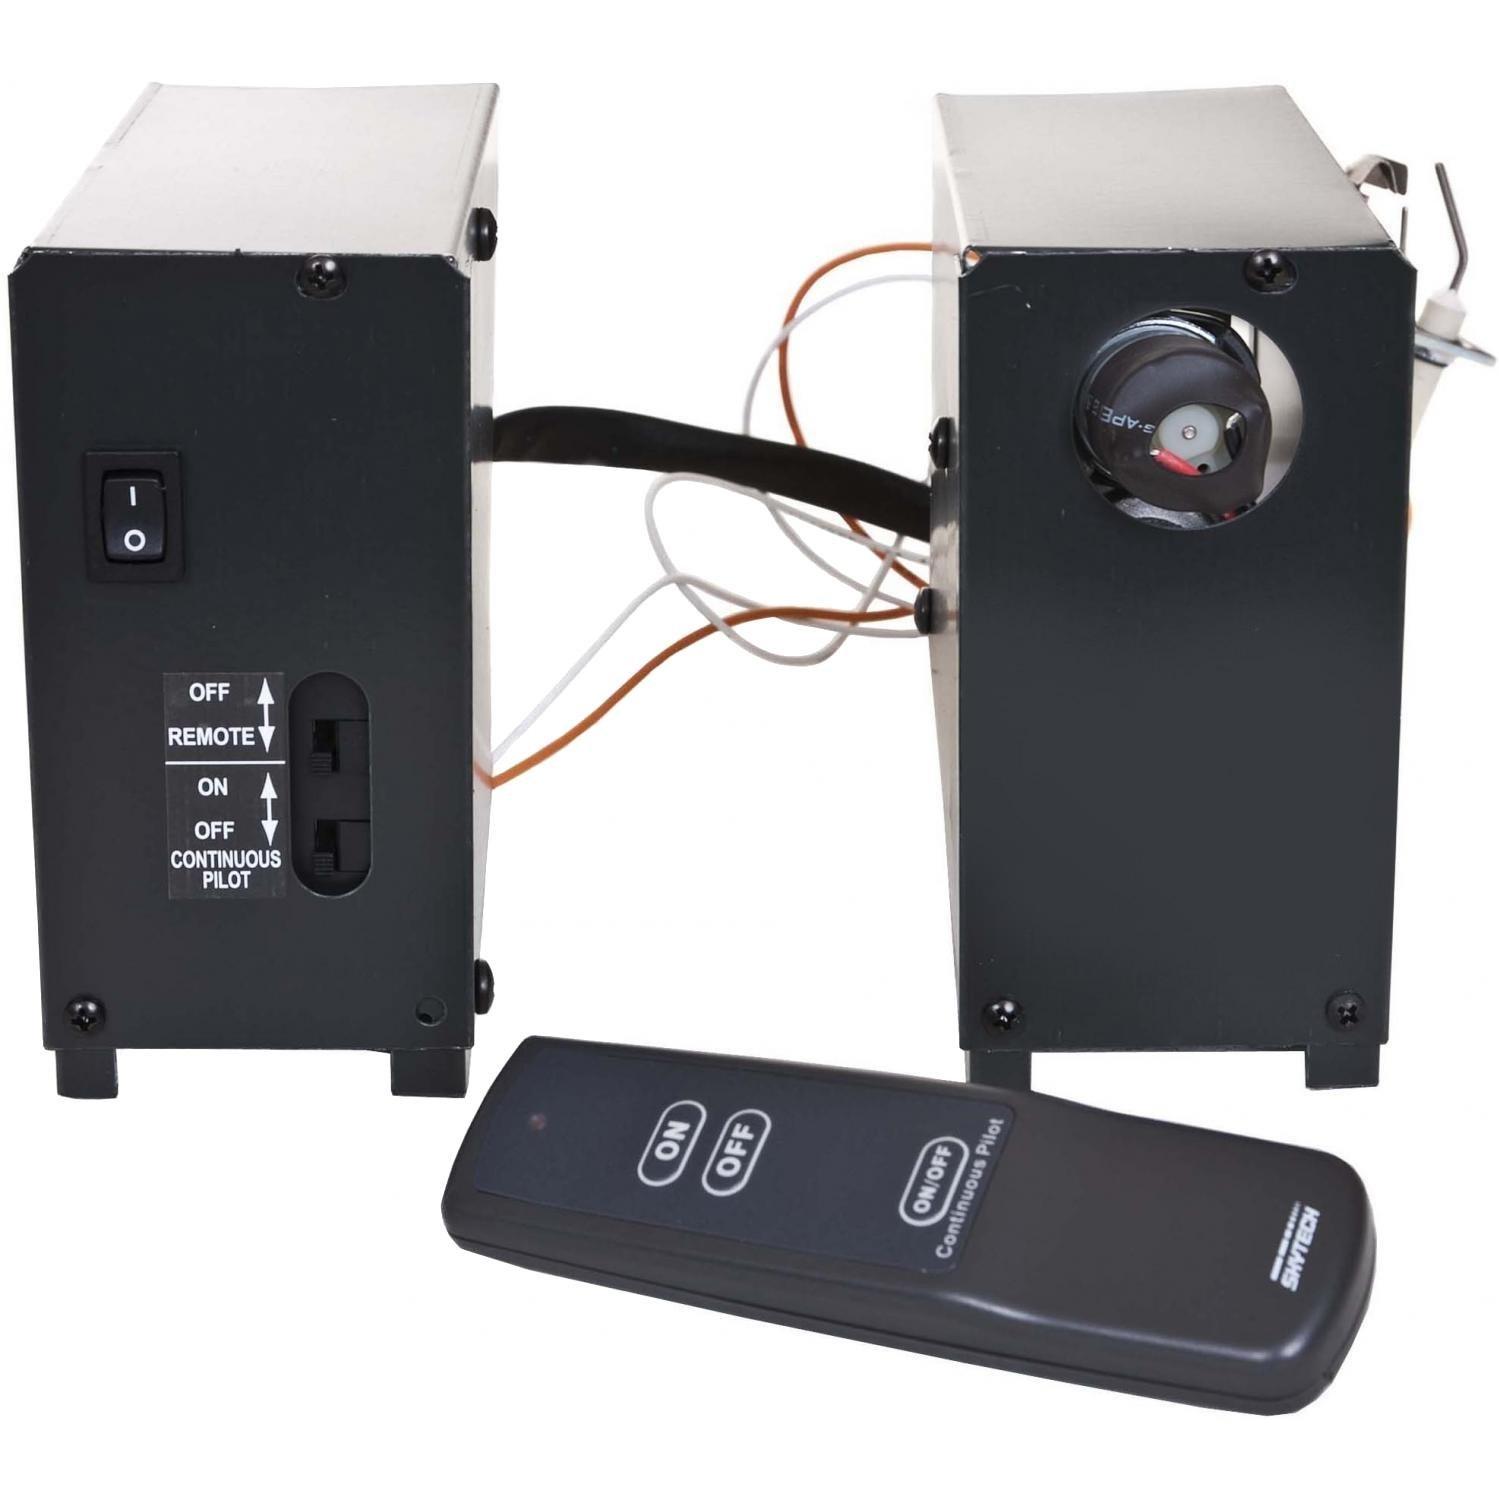 Skytech Manual Hi/Lo Split Spark to Pilot Gas Valve Kit with On/Off/Hi/Lo Remote (AFVK-SP-MH-L-SPLIT) by SkyTech